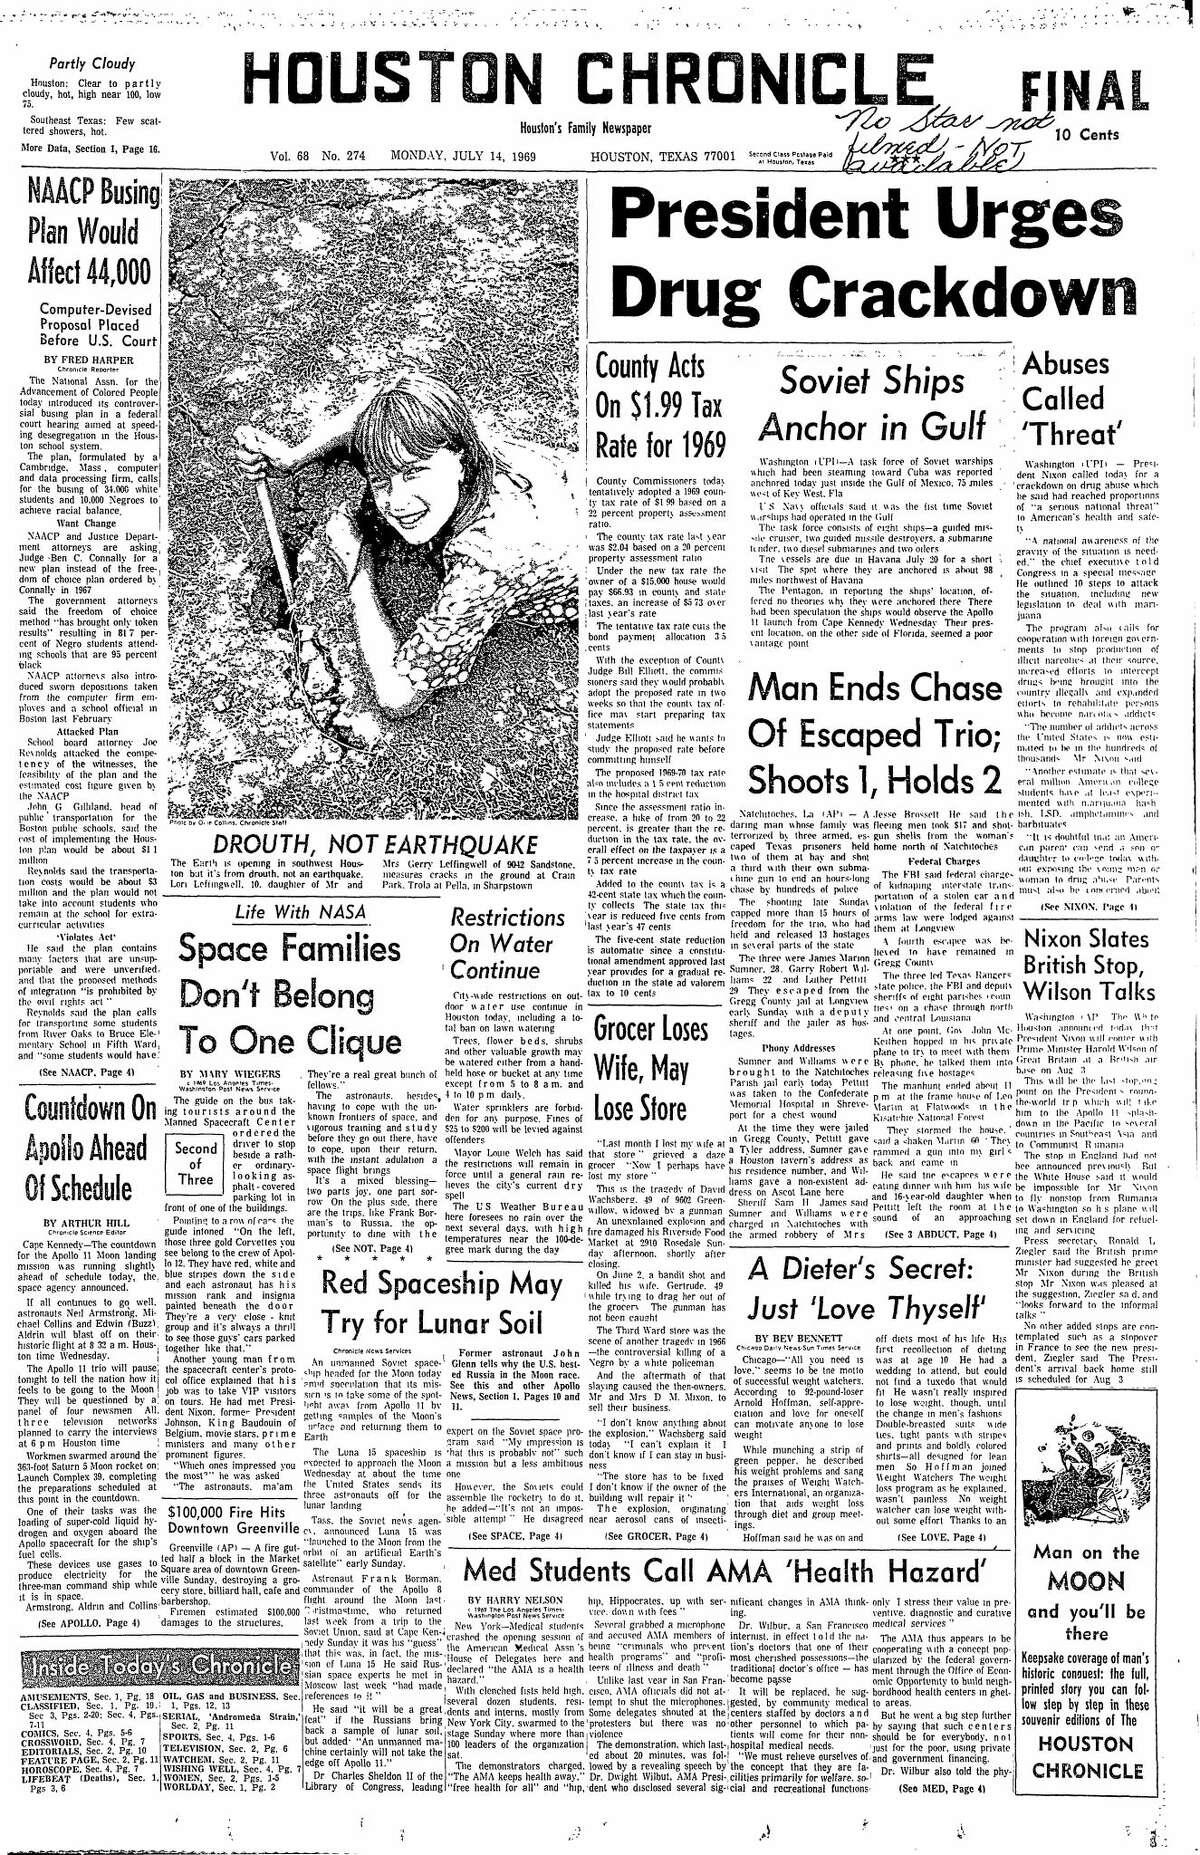 July 14, 1969